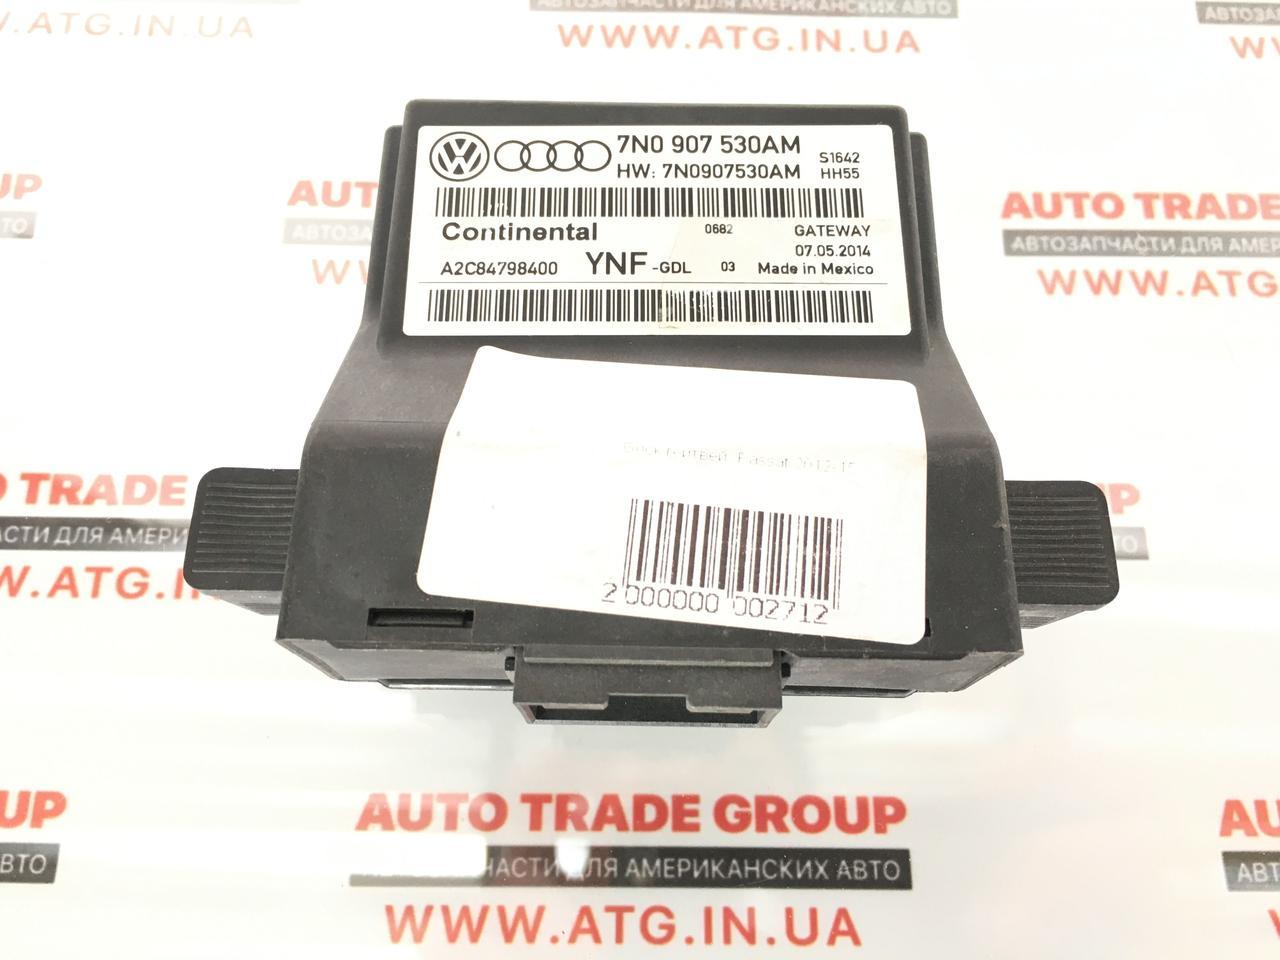 Блок управления межсетевым интерфейсом Volkswagen Passat B7 USA 1.8 TSI 2012-2015 7N0907530AR